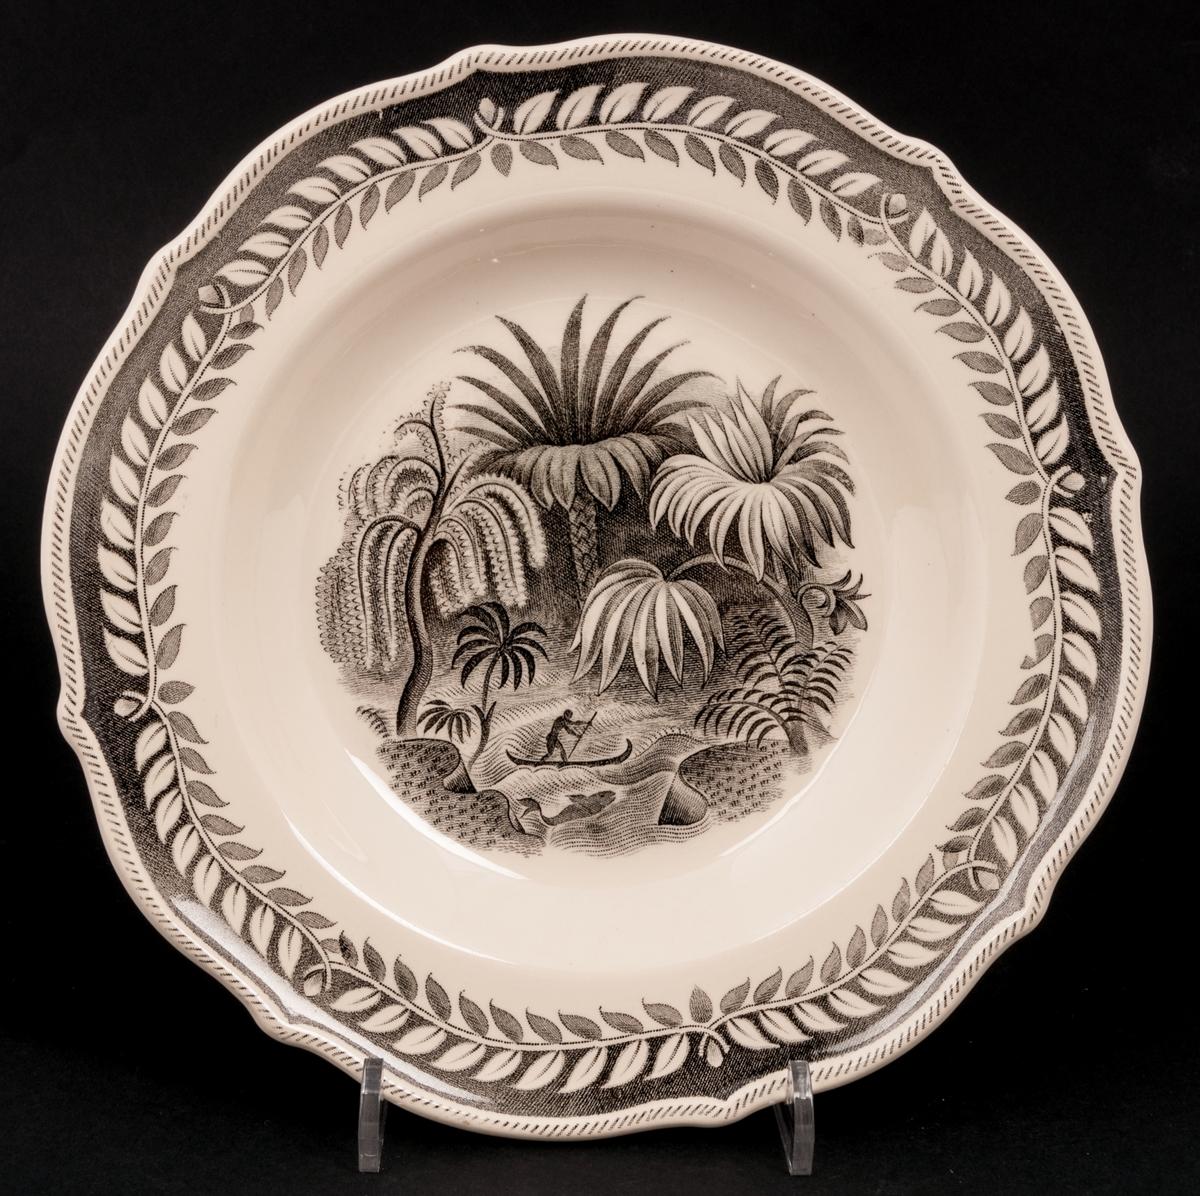 Djup tallrik, Exotica Q, ,gräddvit bottenfärg, svart koppartryck med djungelmotiv, design Artur Percy.